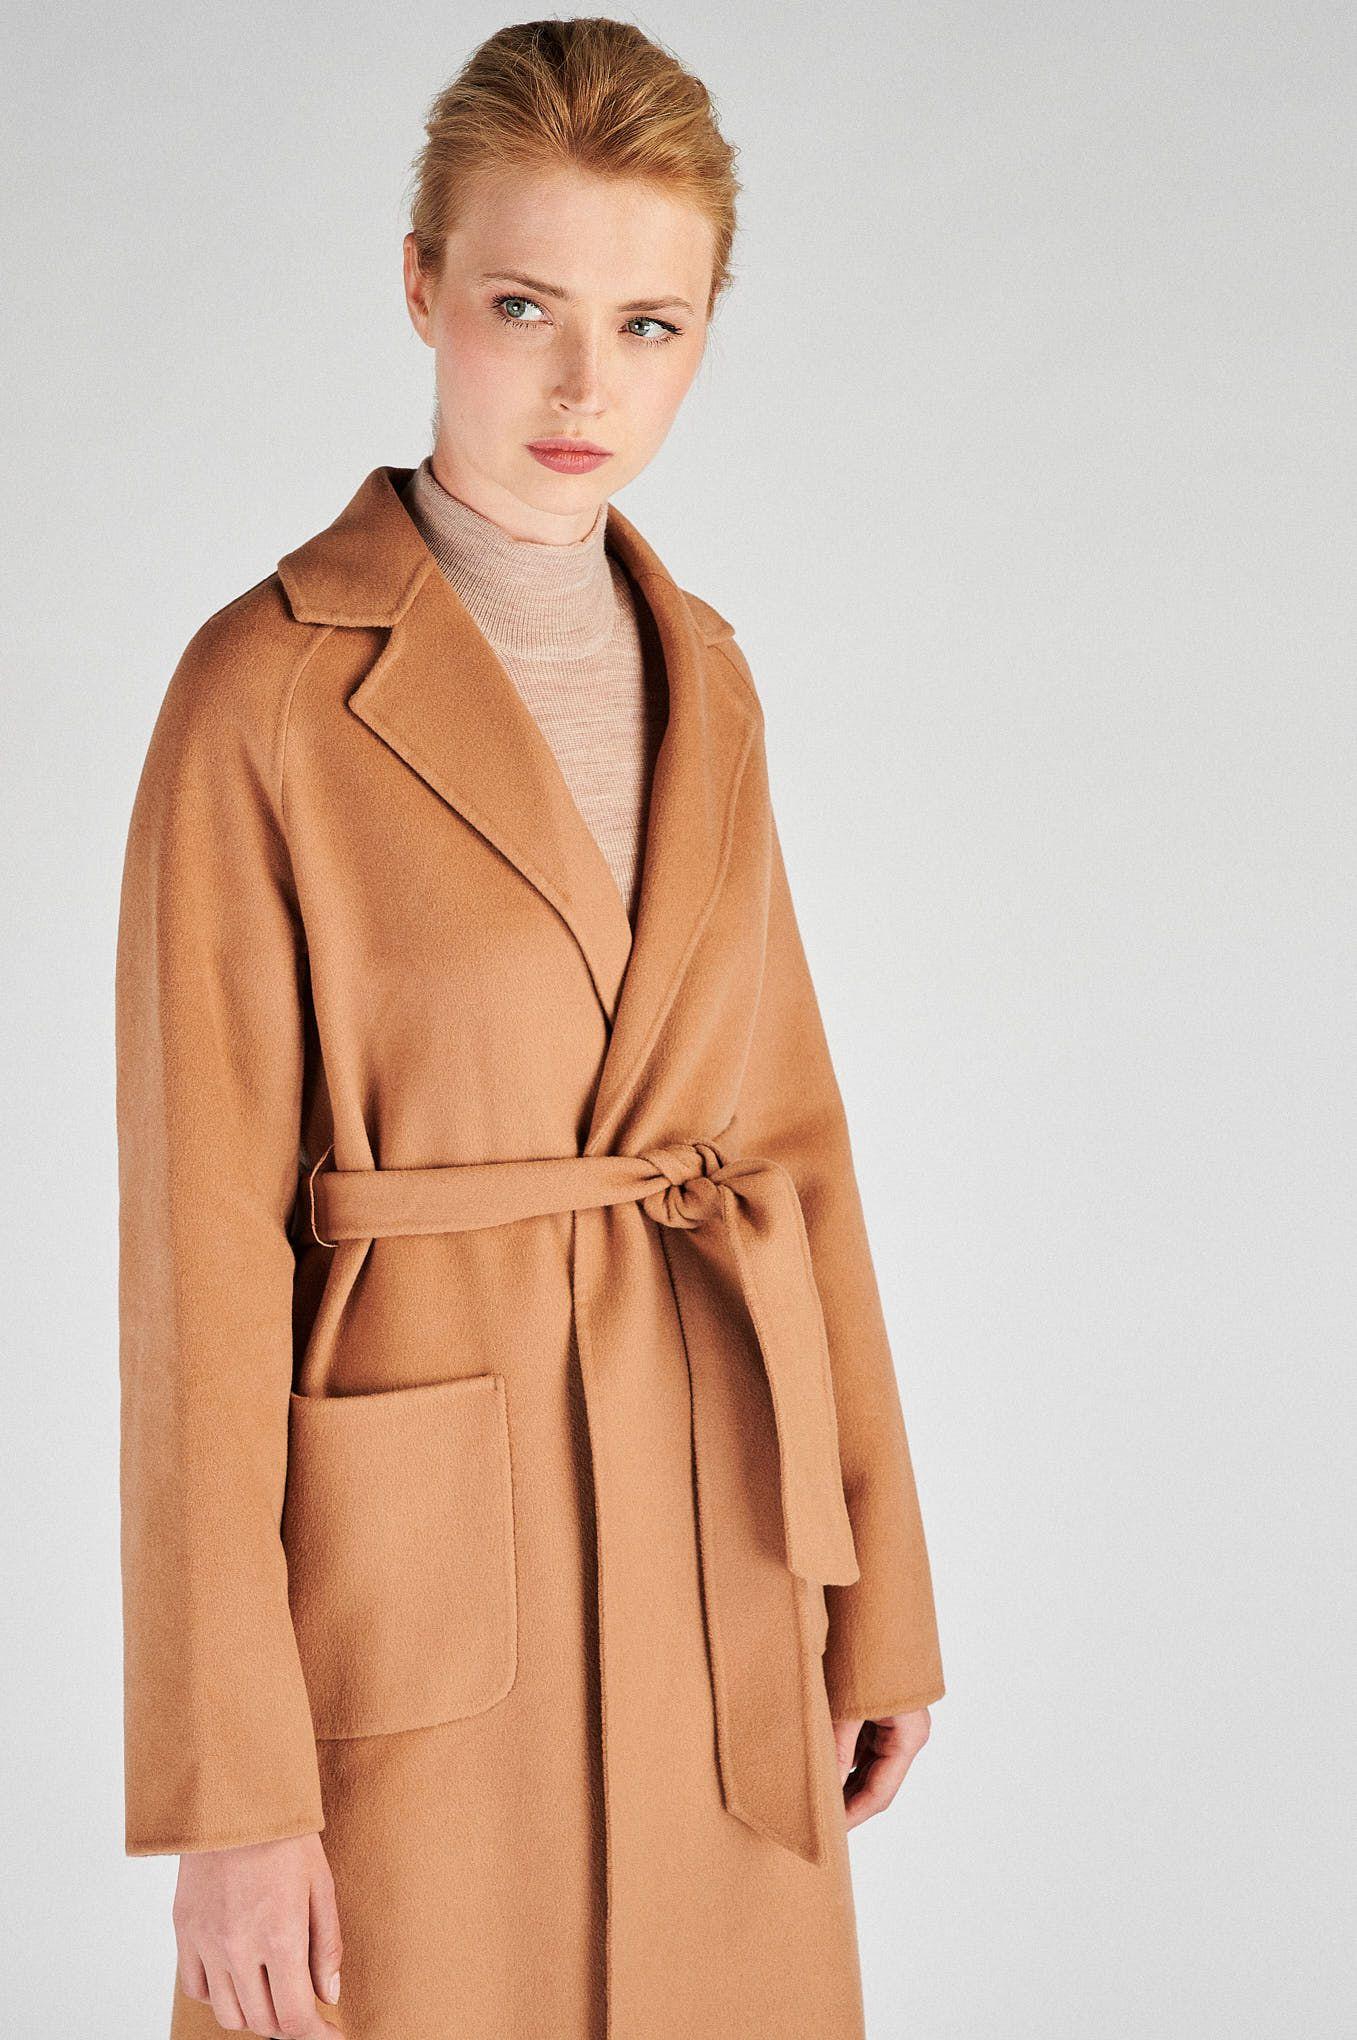 Women s  Casual Overcoat With Belt